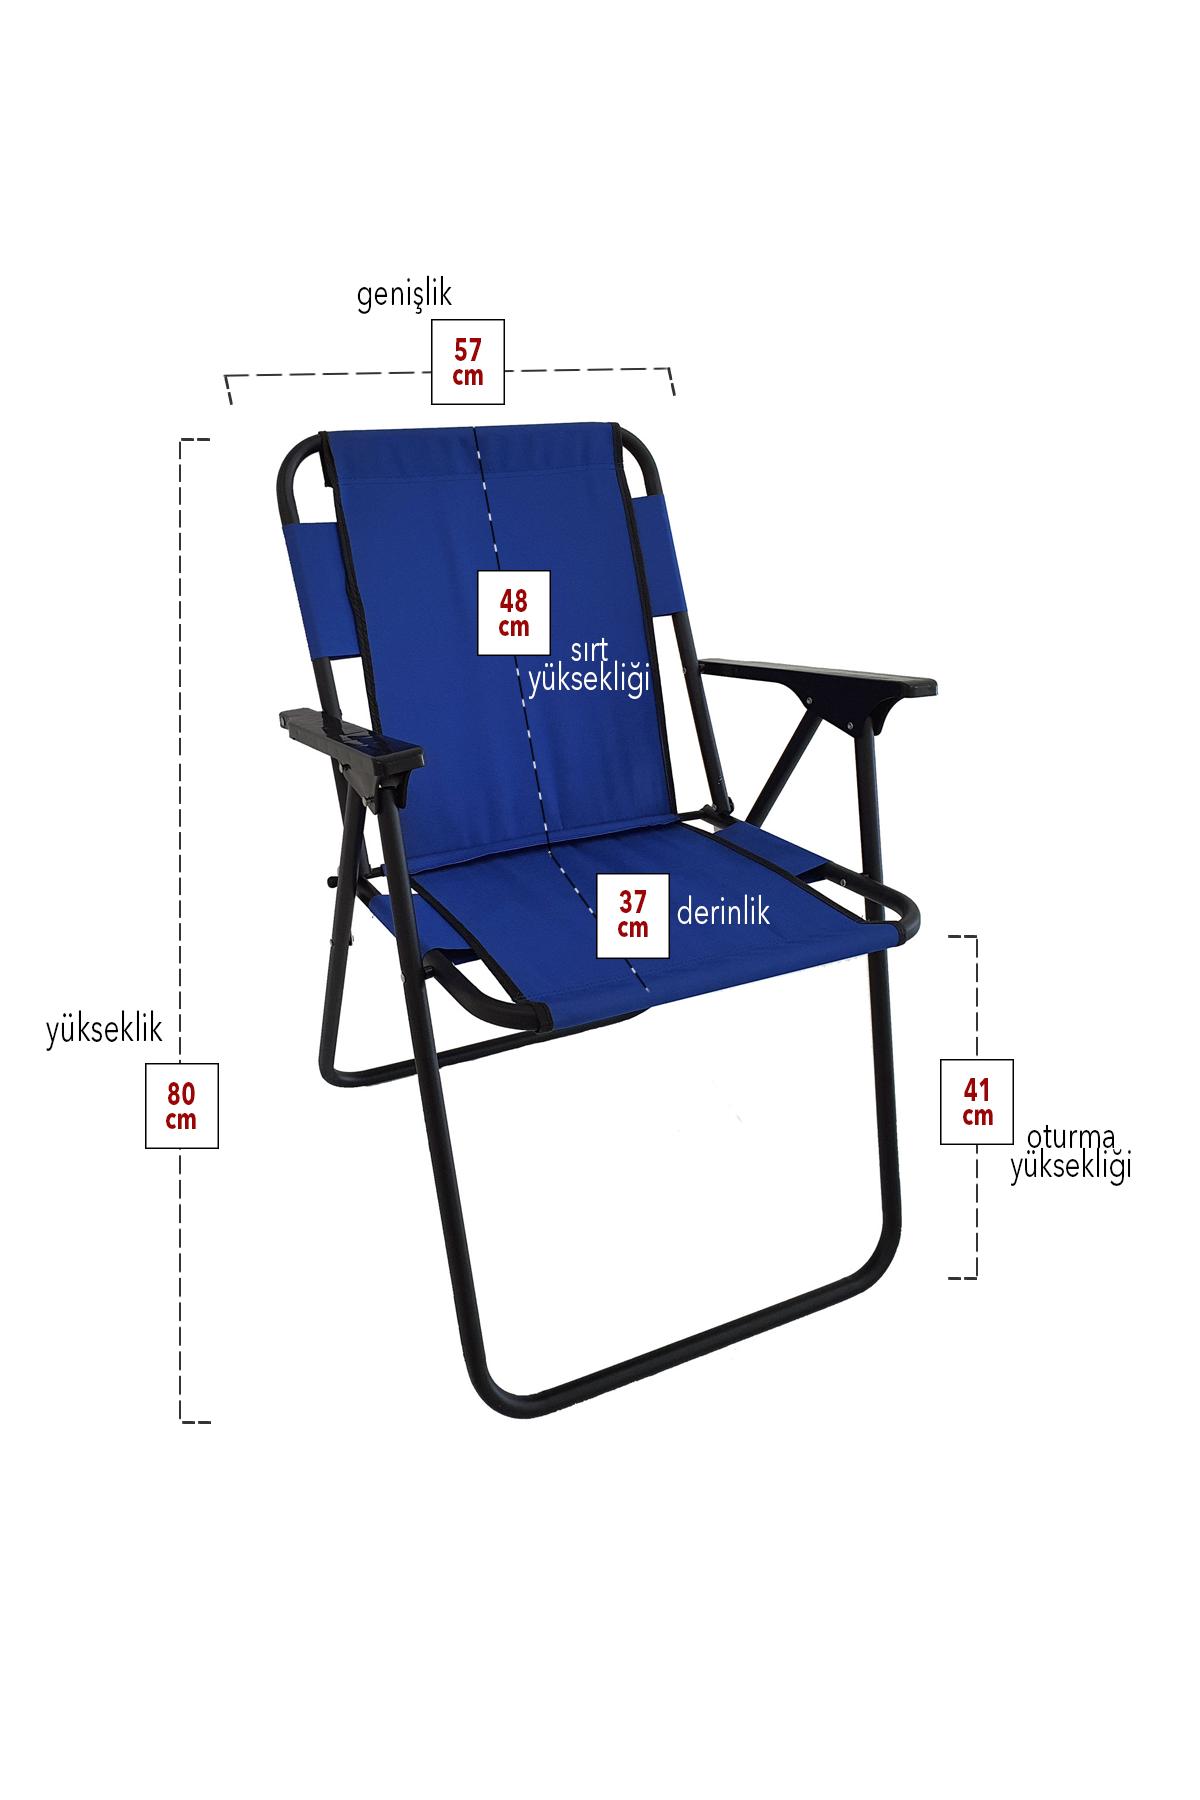 Bofigo 4 Pcs Camping Chair Folding Chair Picnic Chair Beach Chair Blue